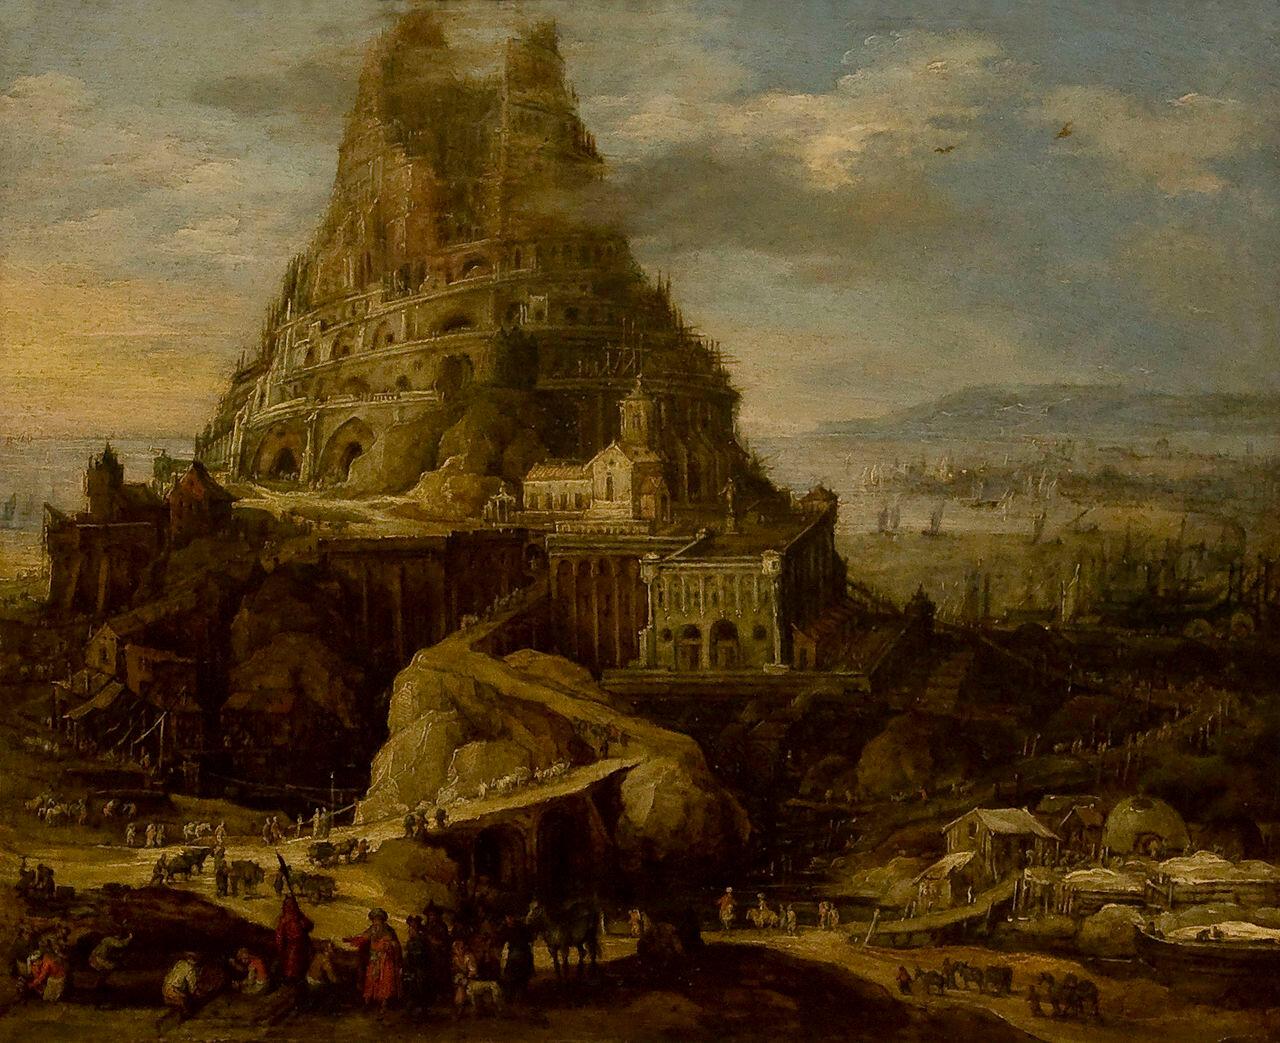 Joos_de_Momper_(1564-1635)_-_Toren_van_Babel_-1595-1605.jpg